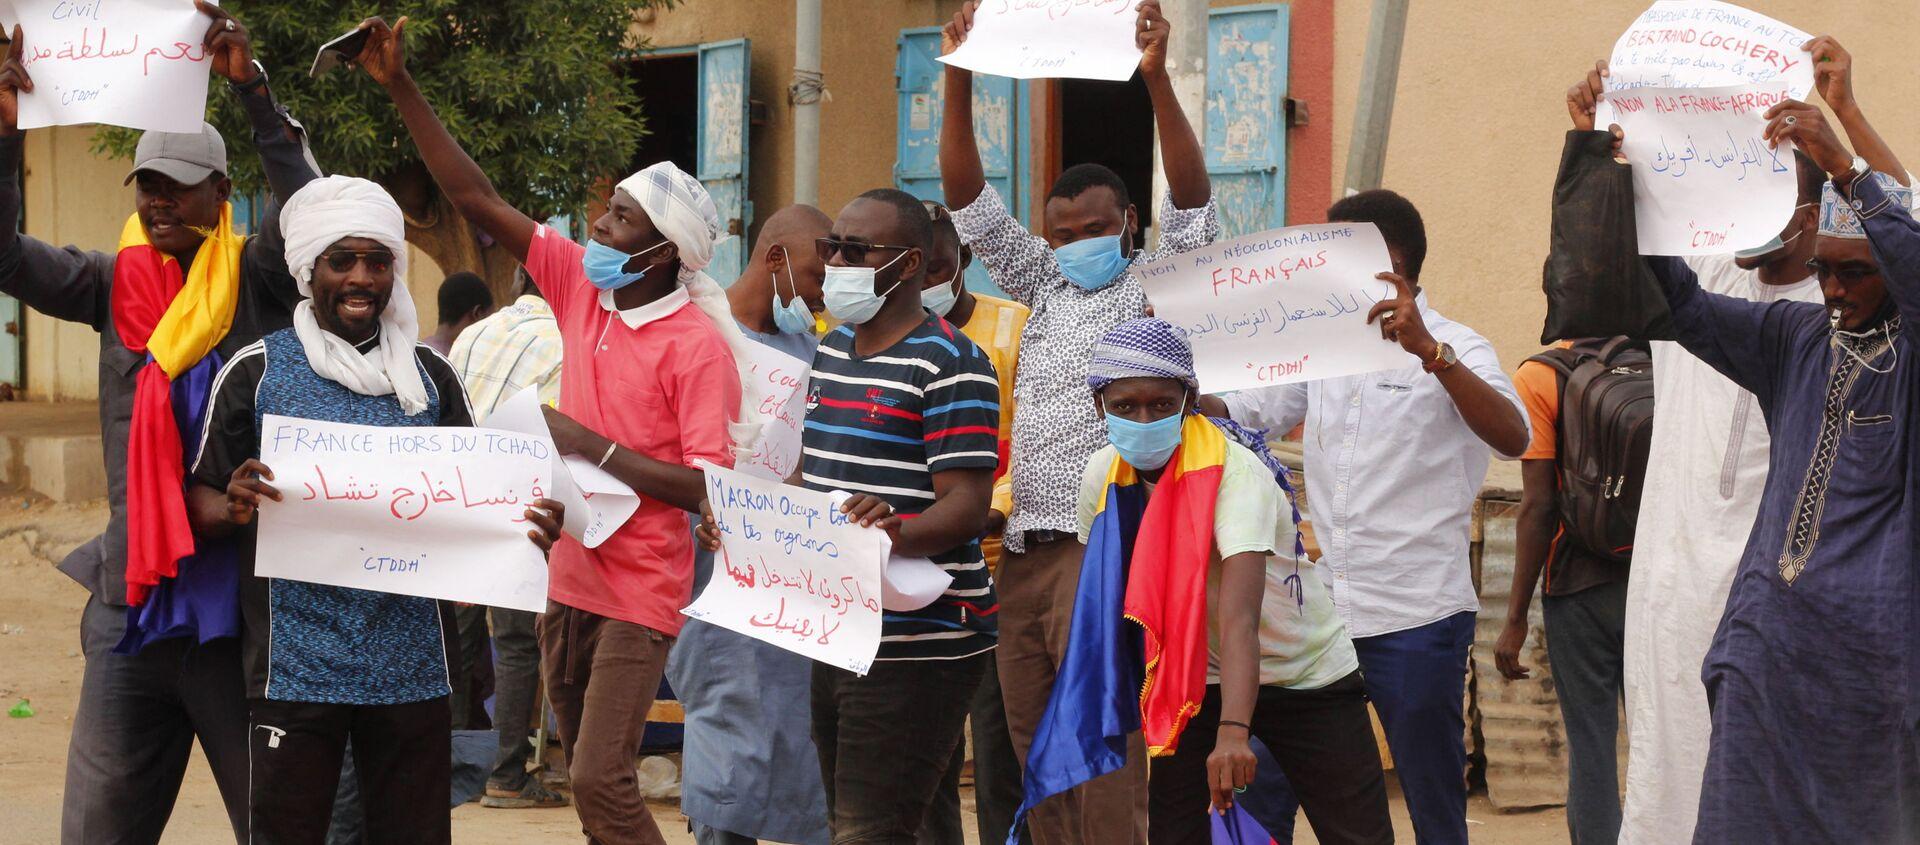 Manifestation à N'Djamena contre le Conseil de transition militaire (СTM) et l'ingérence de la France le 08.05.2021 - Sputnik France, 1920, 19.05.2021